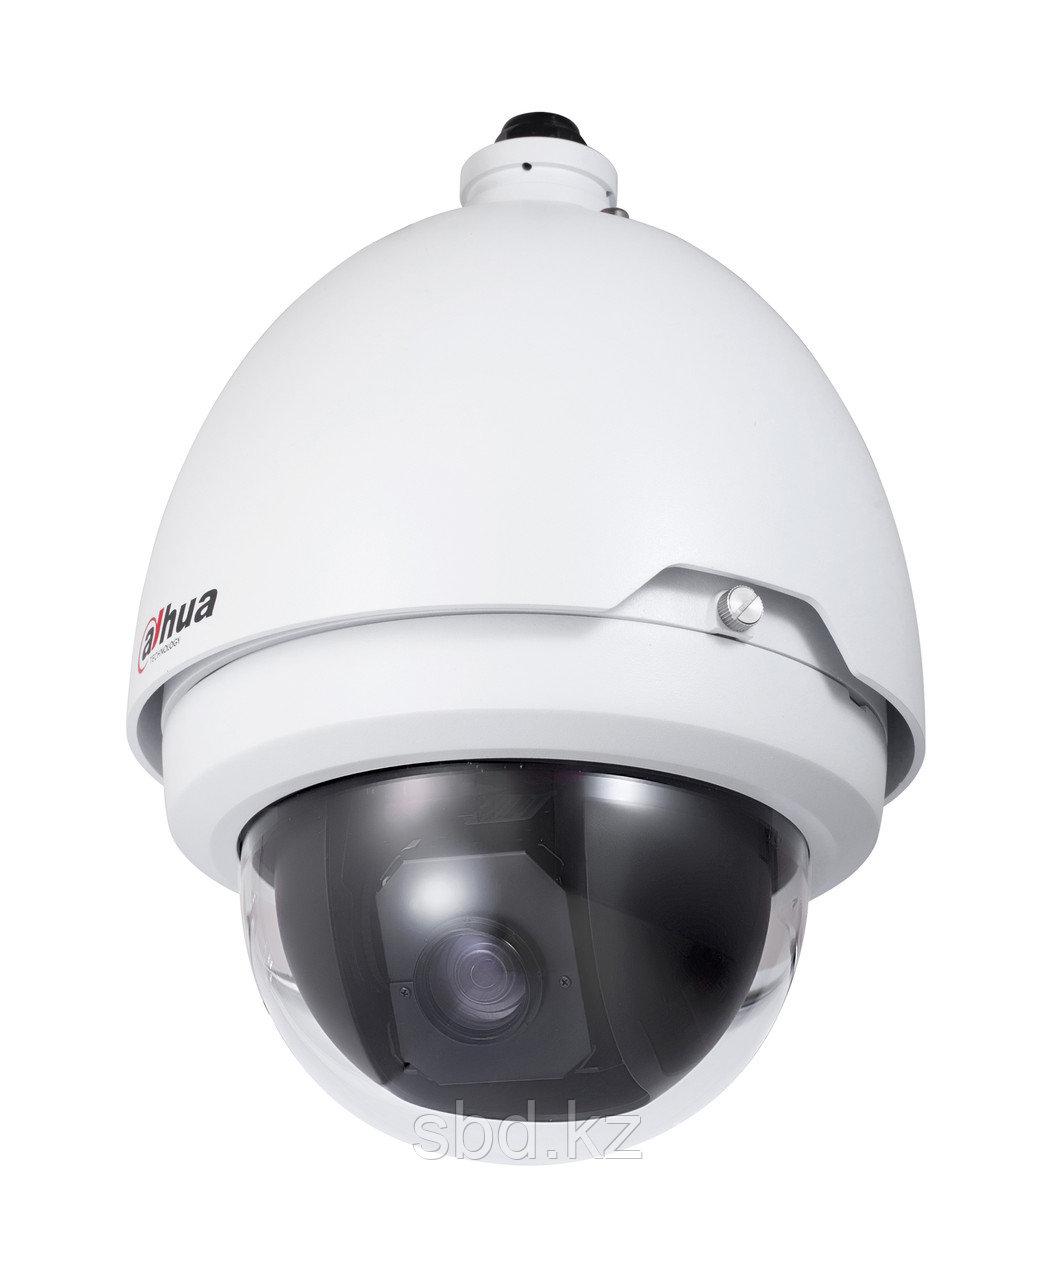 Камера видеонаблюдения поворотная SD63120I-HC Dahua Technology